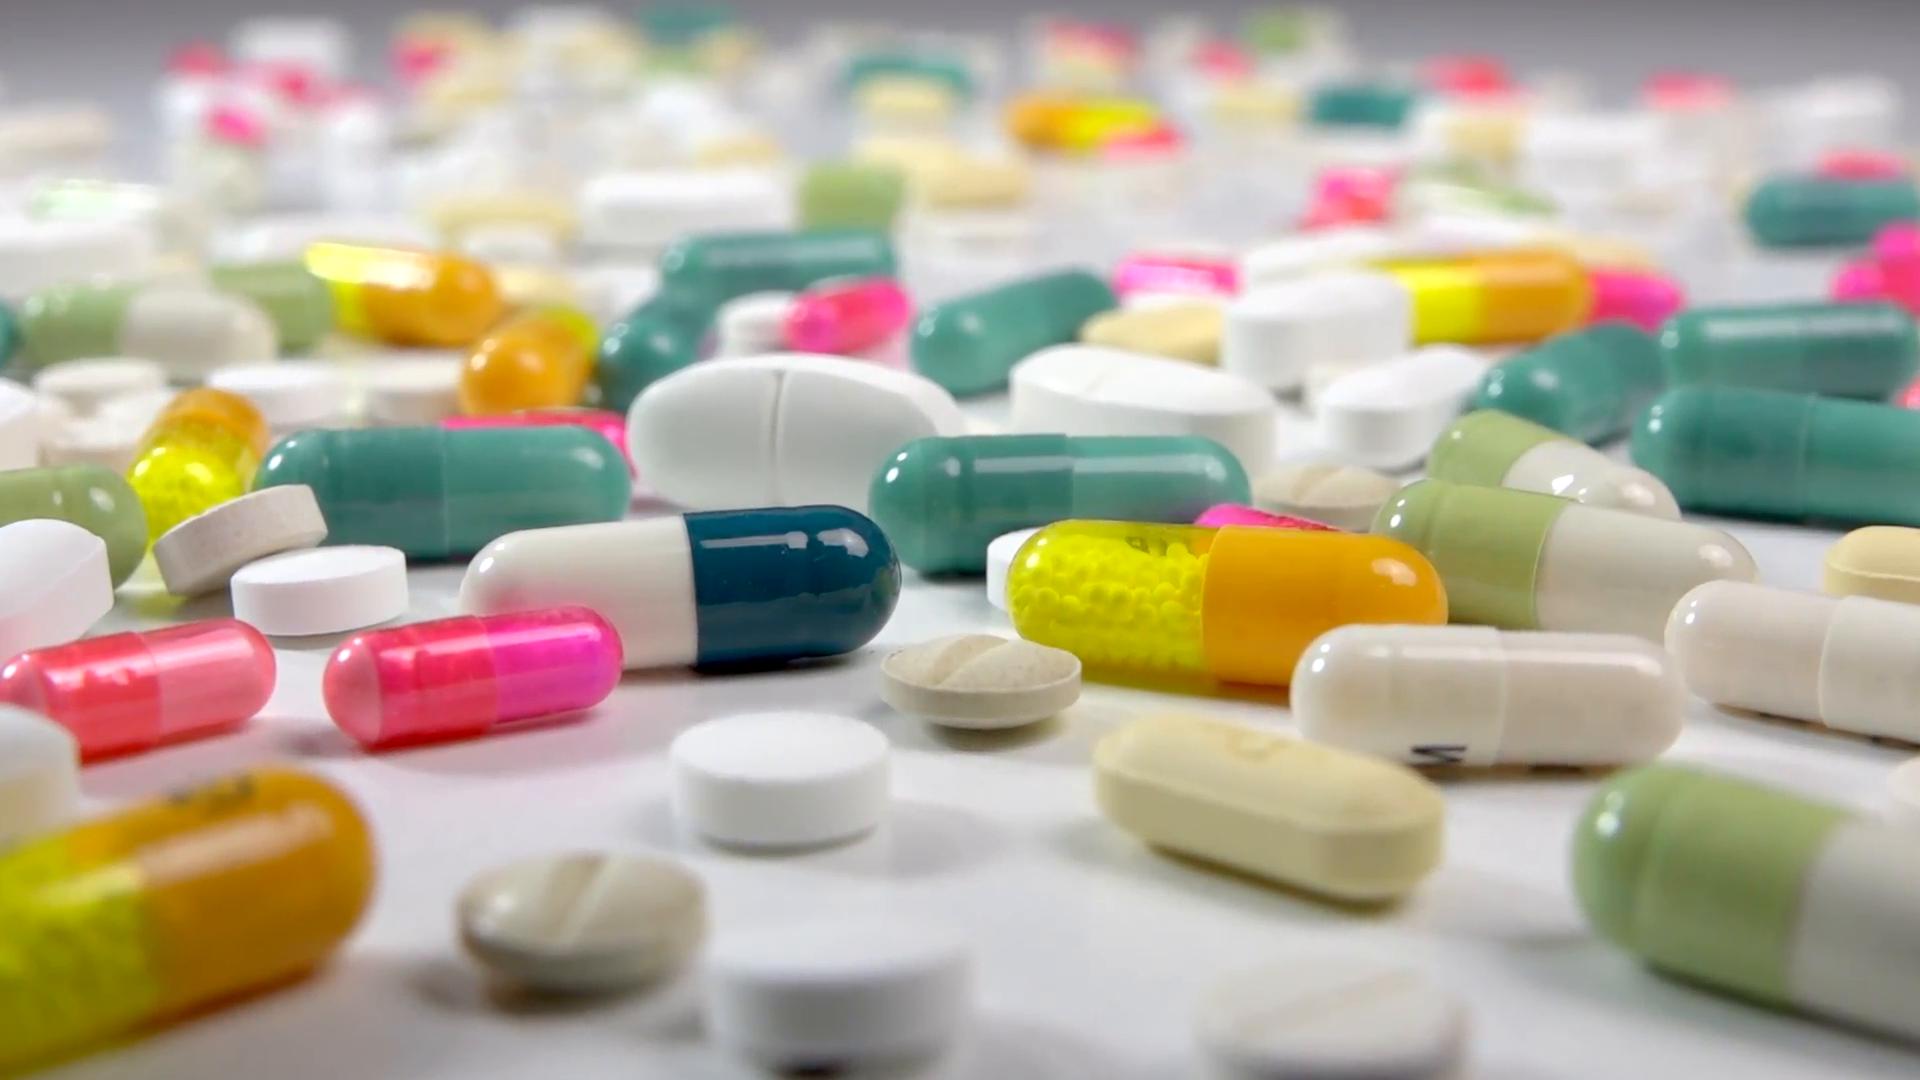 ۳۰۰ هزار قلم داروی کرونا، دیابت، سقط جنین و ... در تهران کشف شد